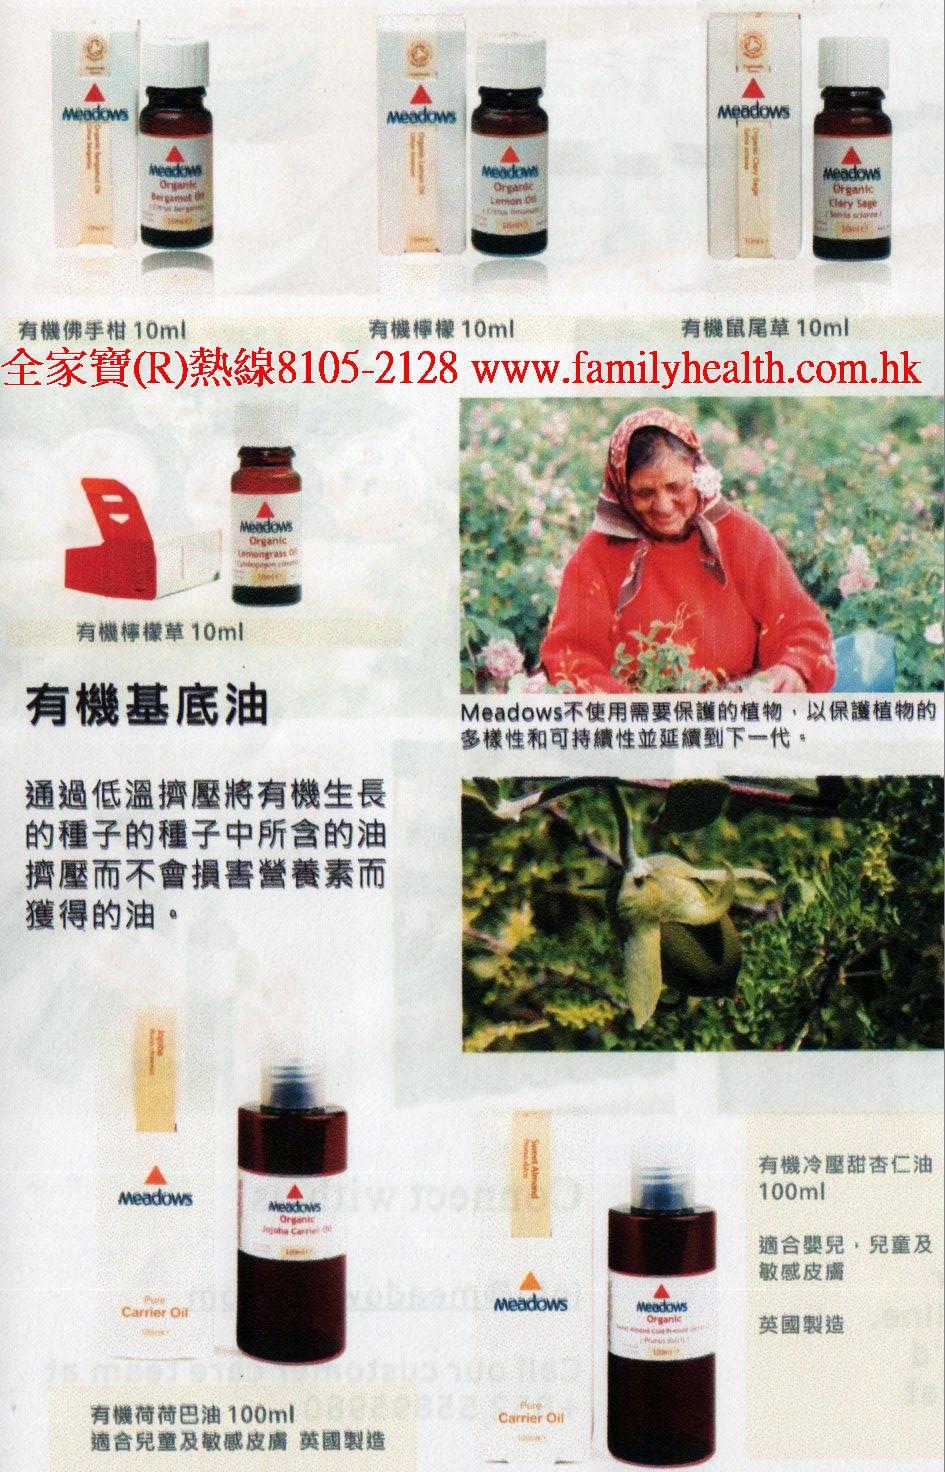 http://www.familyhealth.com.hk/files/full/1088_3.jpg